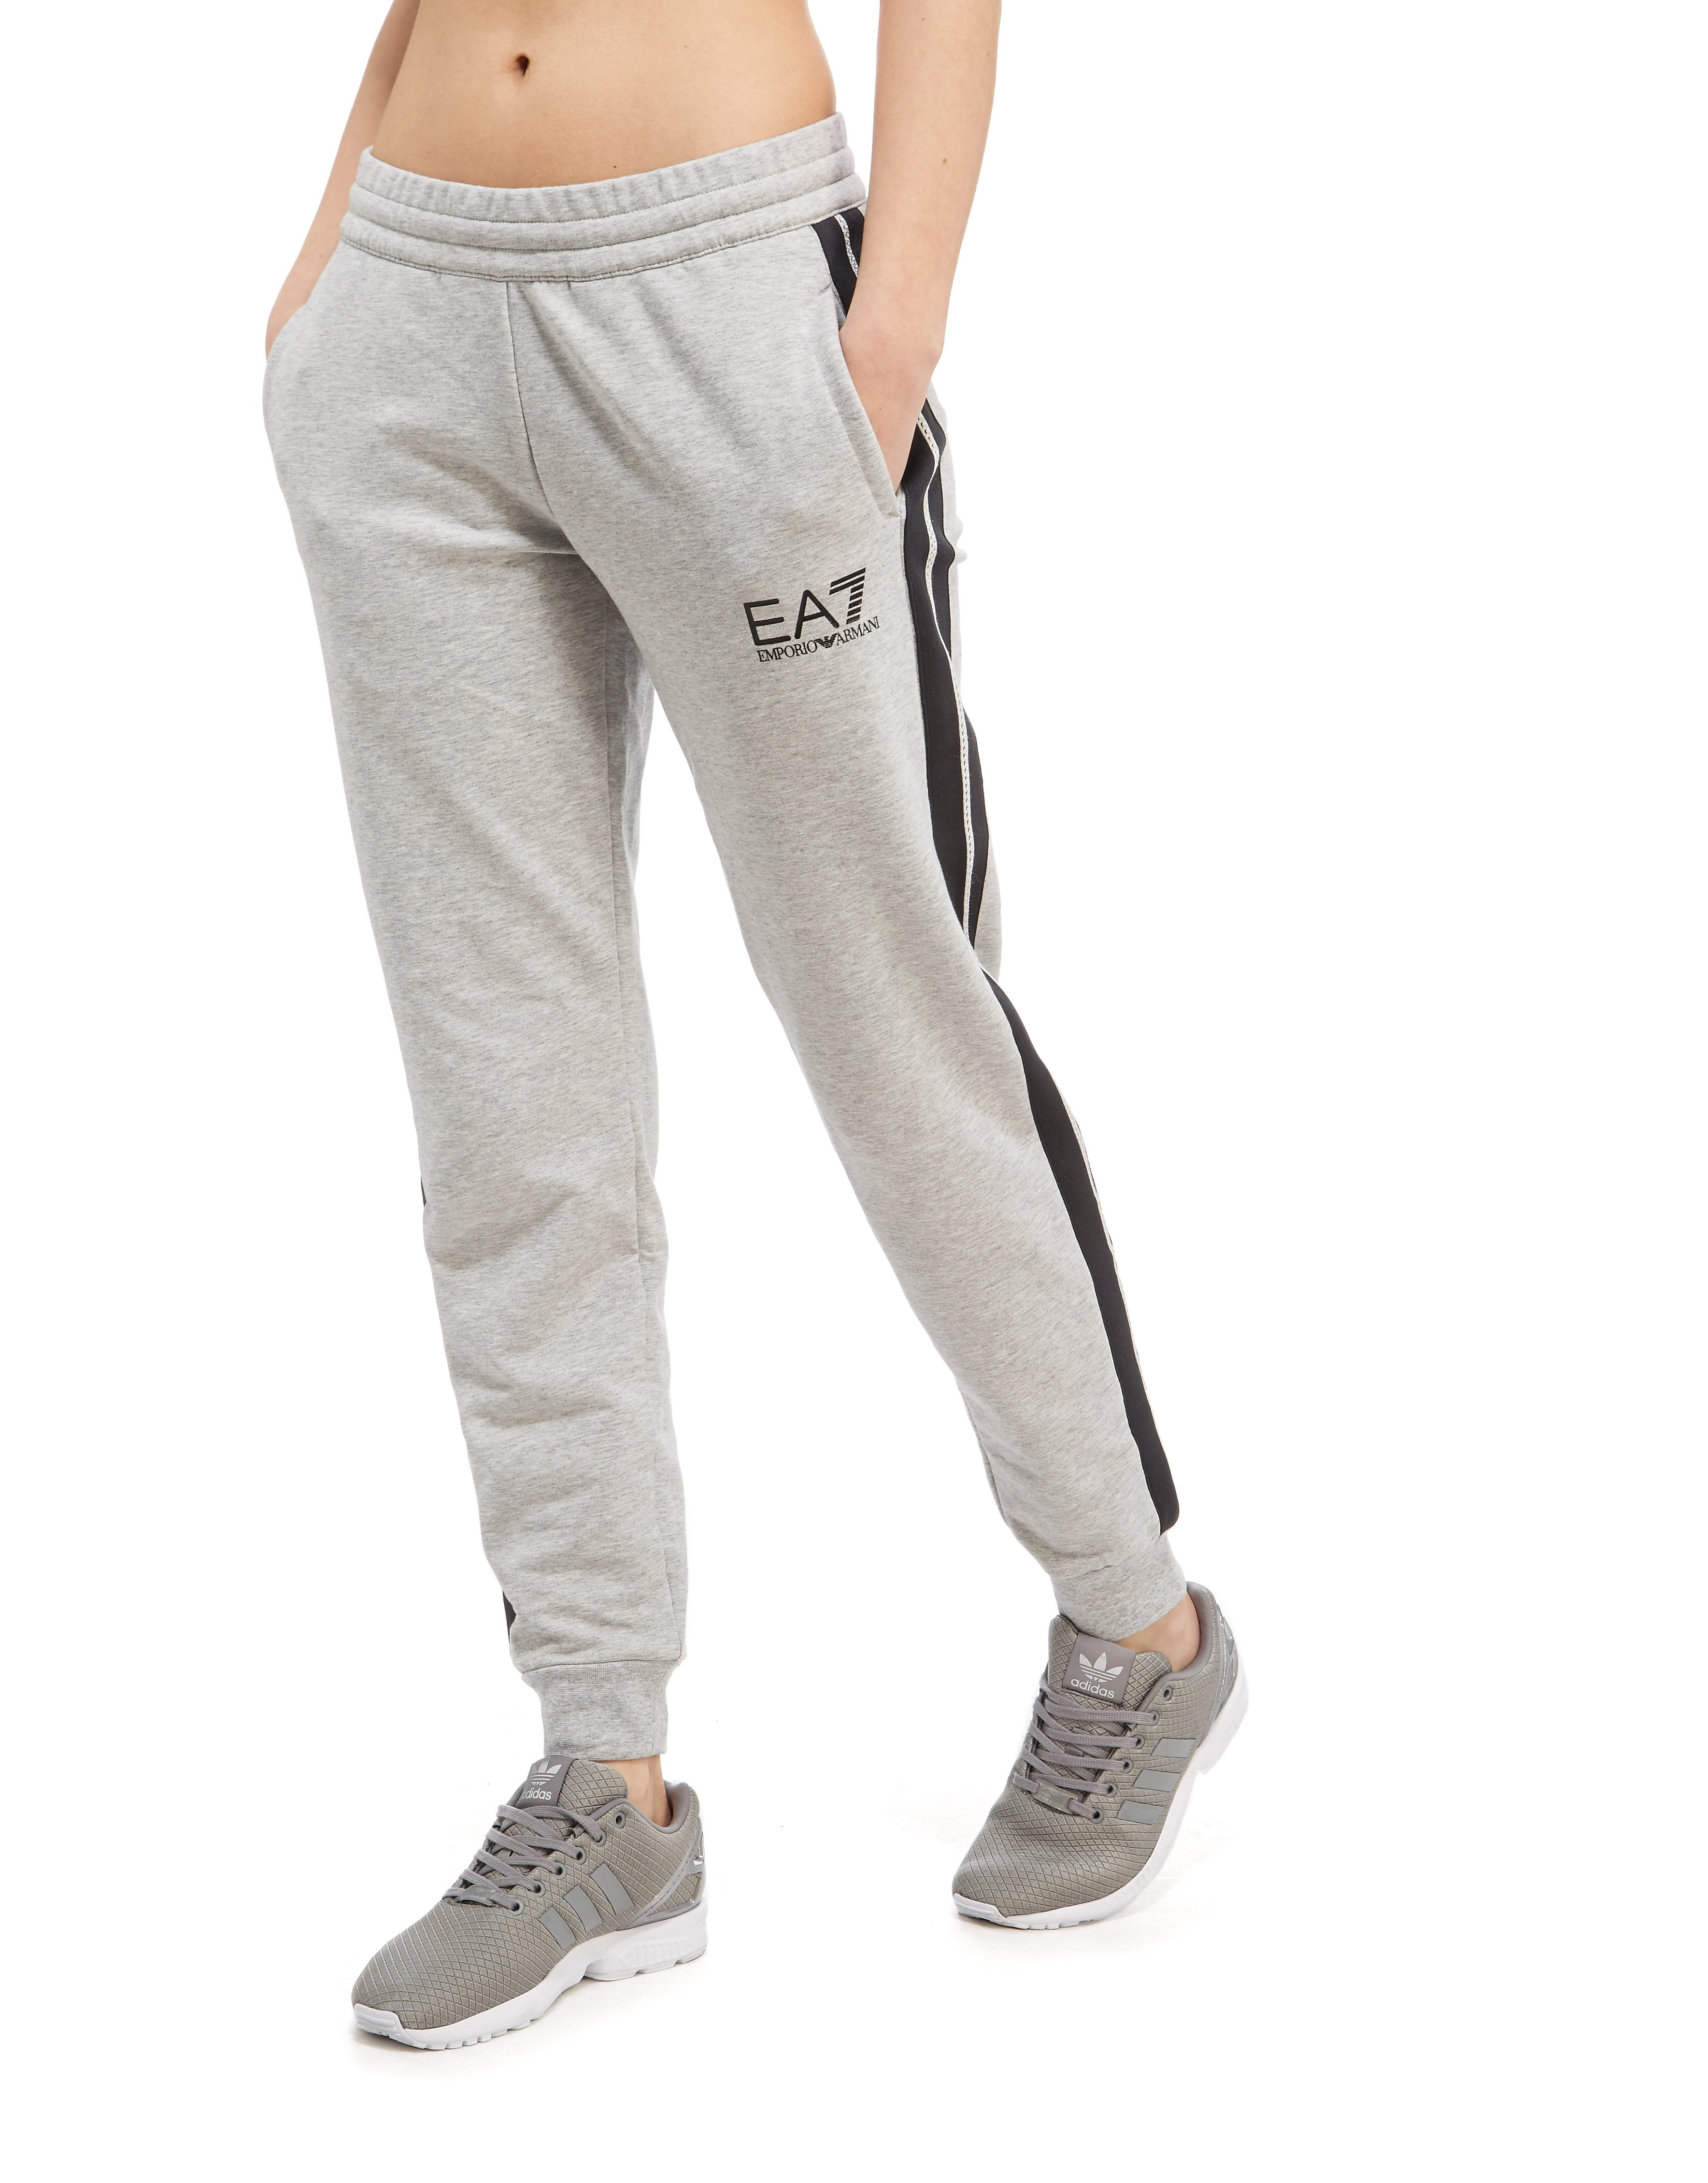 Emporio Armani EA7 Tape Fleece Bukser